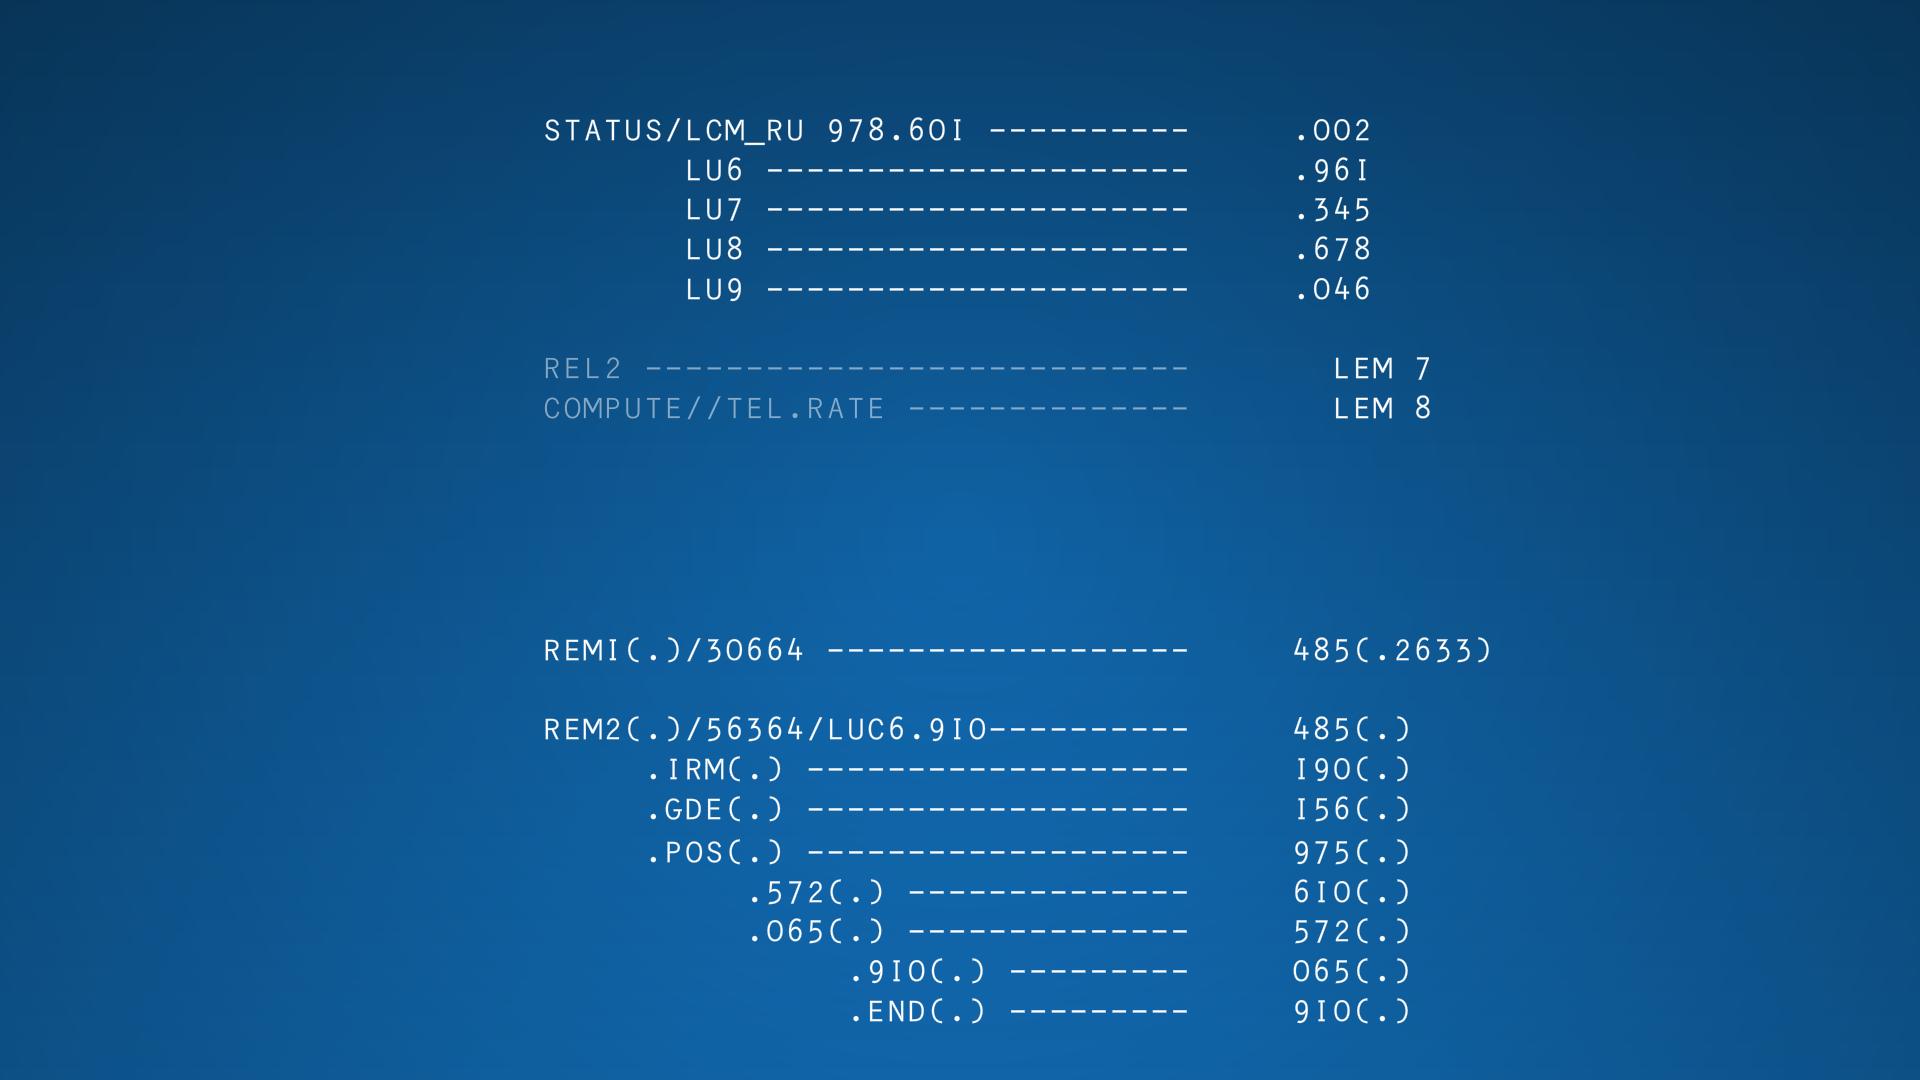 HAL 9000 status screen – Eclectic Imaging